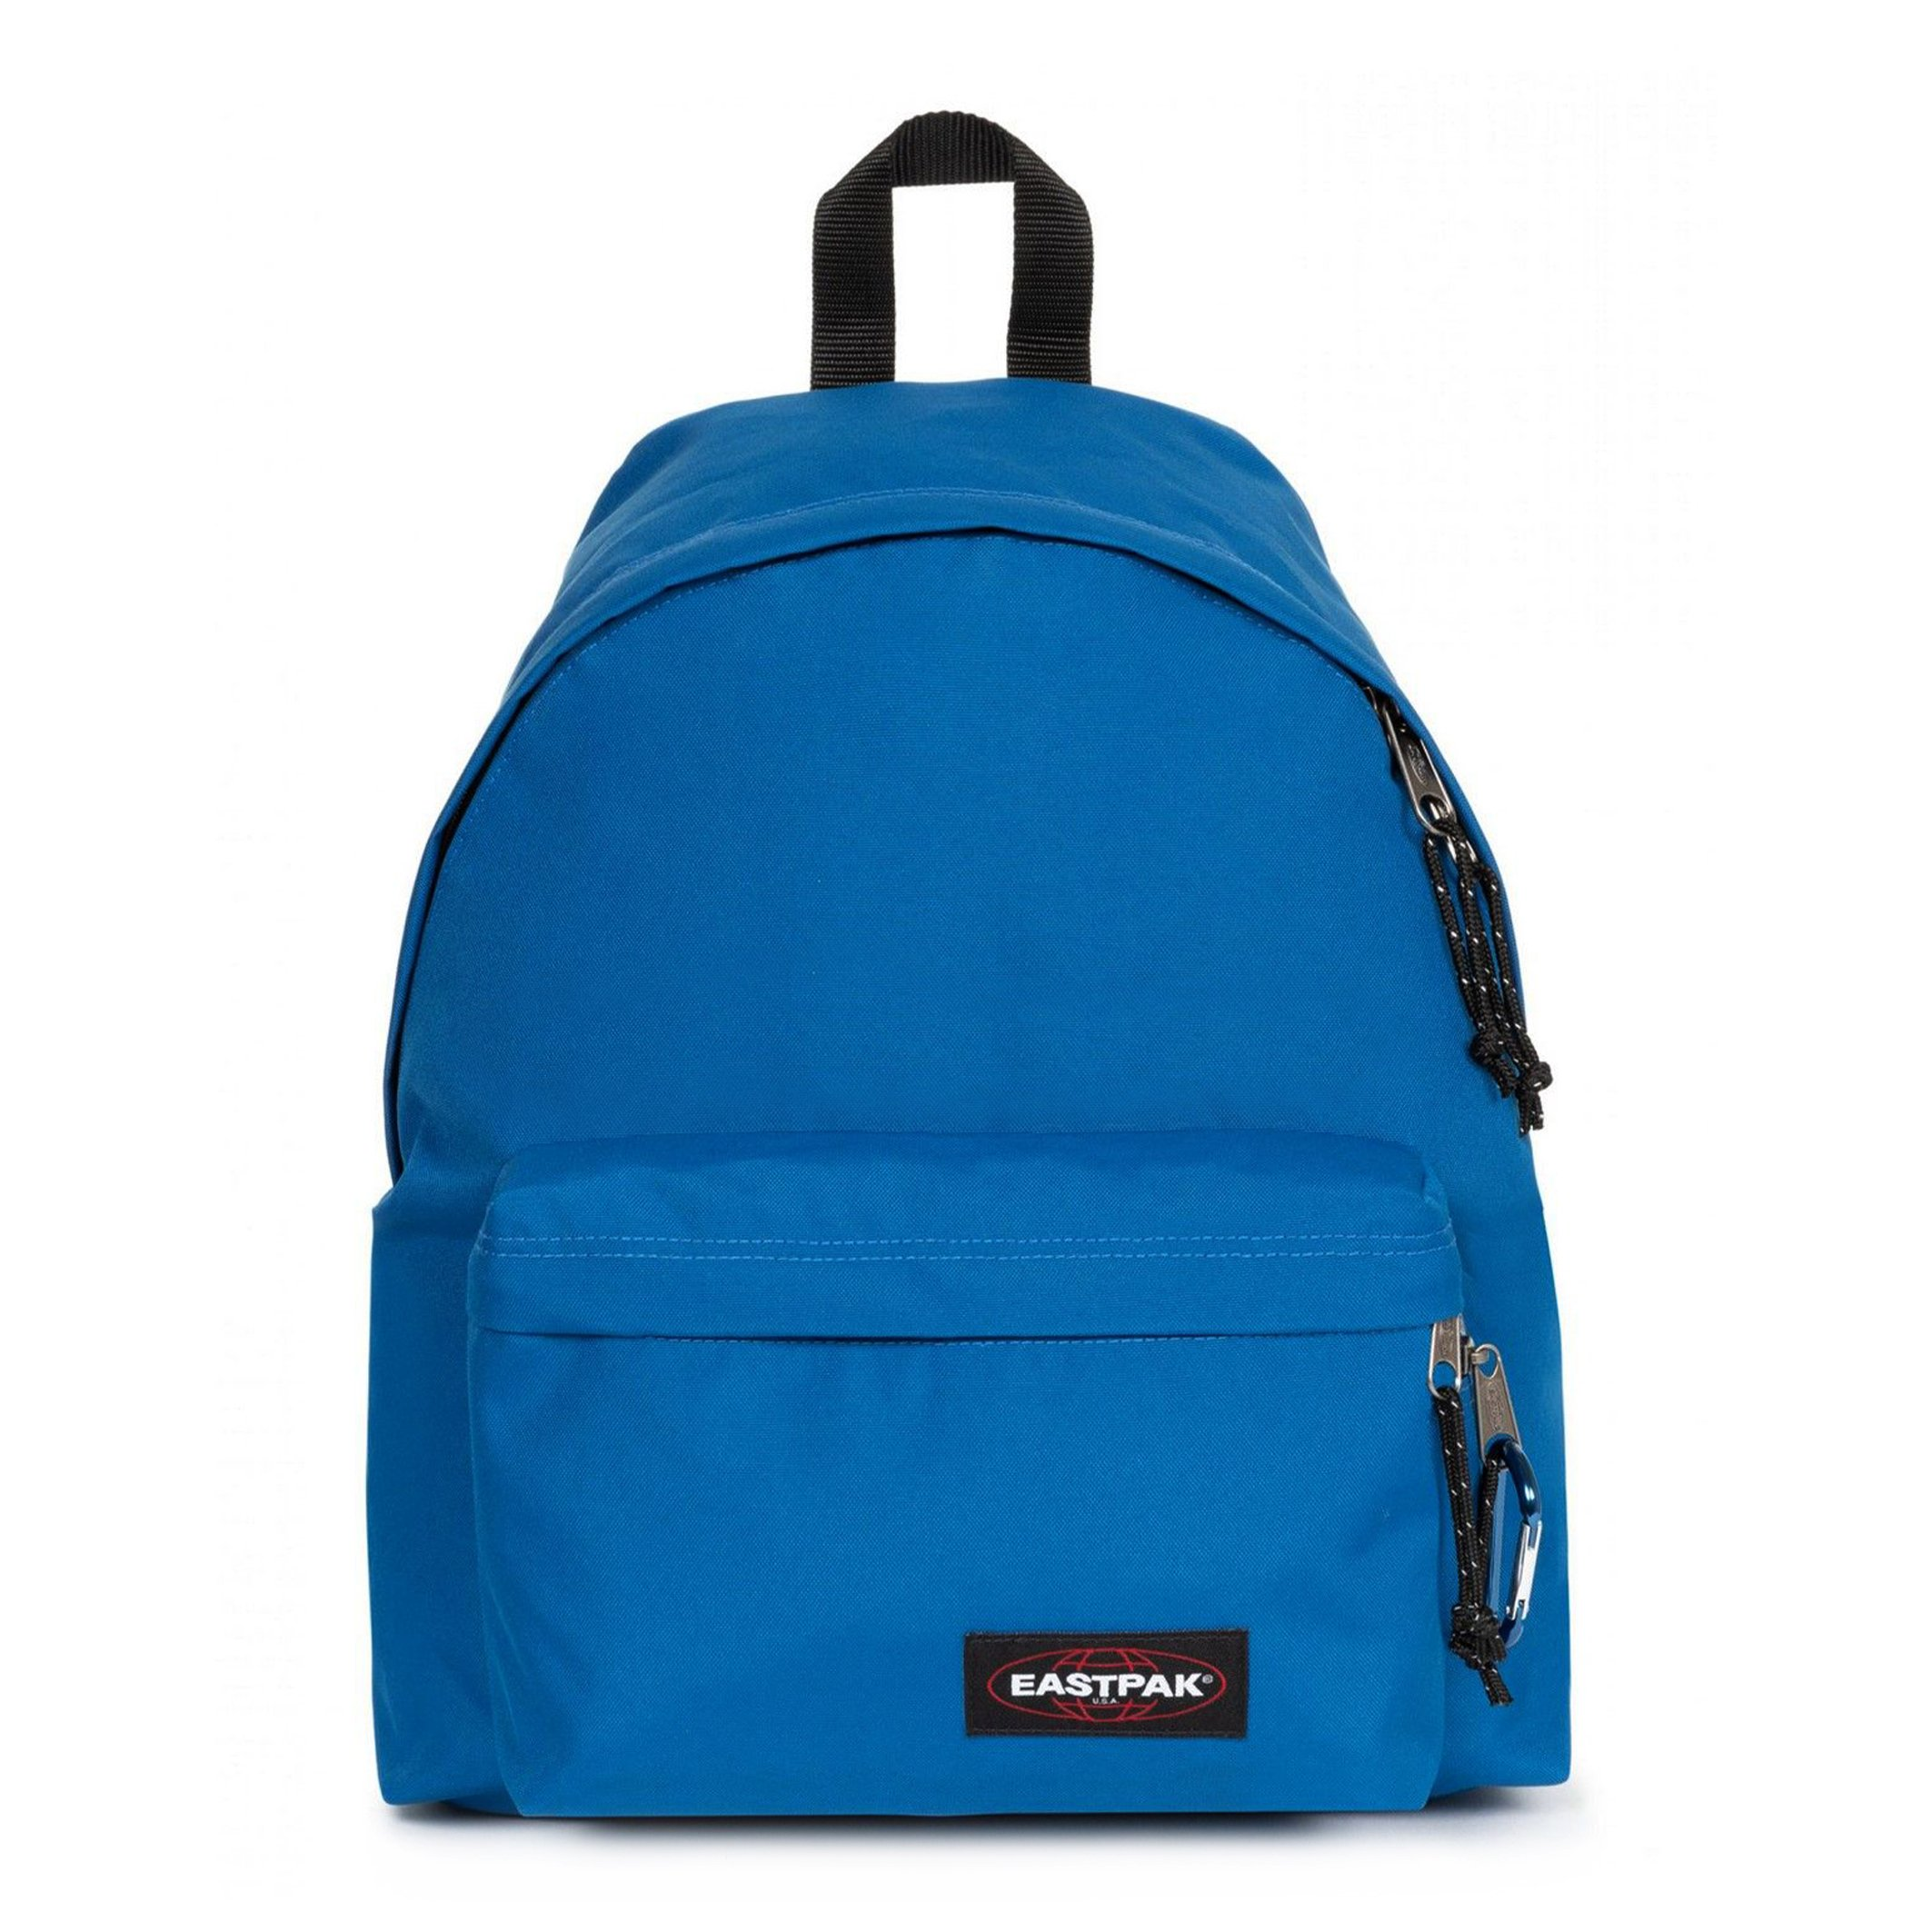 Eastpak Unisex Backpack Various Colours EK000620_008 - blue-1 NOSIZE